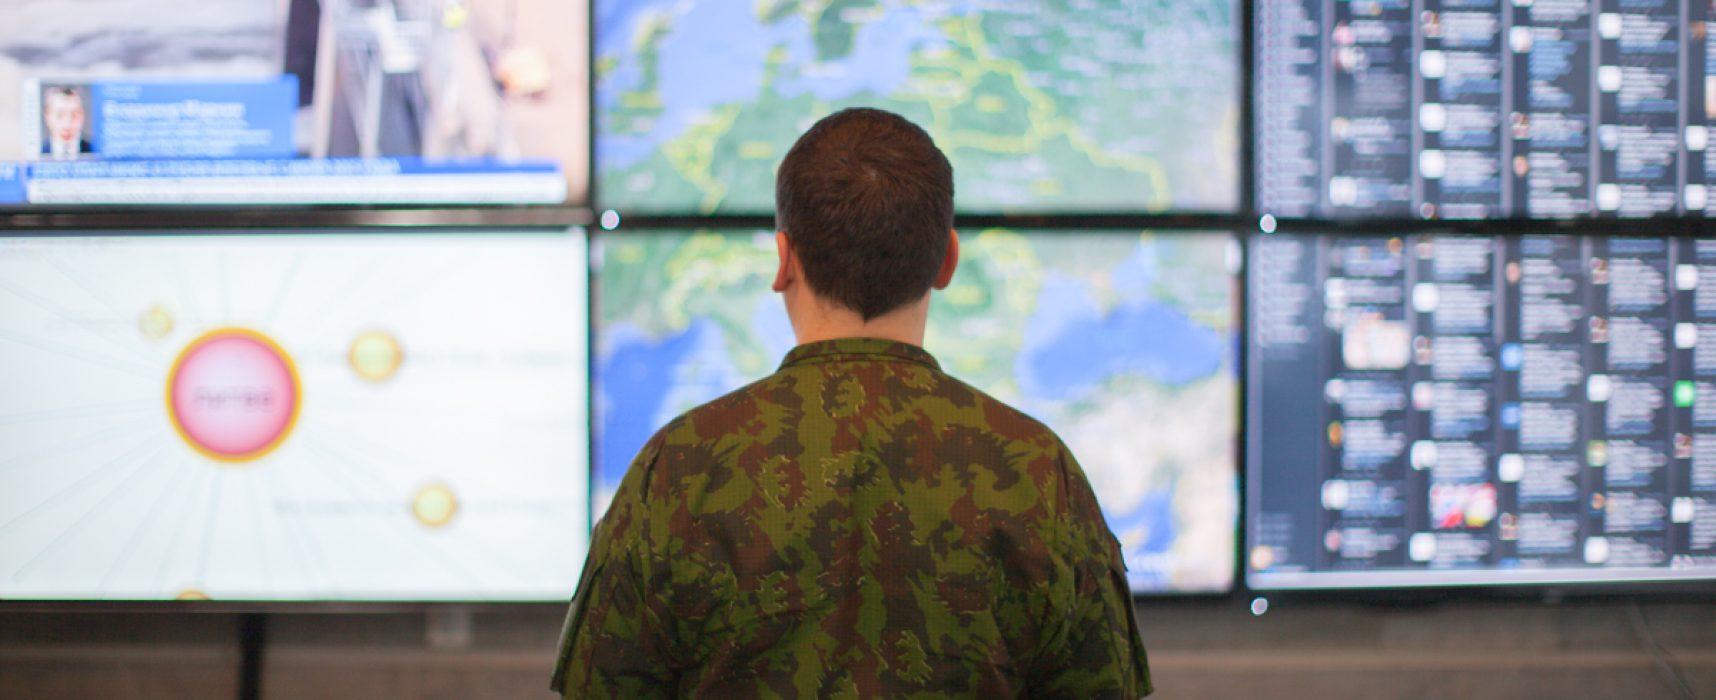 Cyberattaques en Lituanie: la nouvelle normalité?